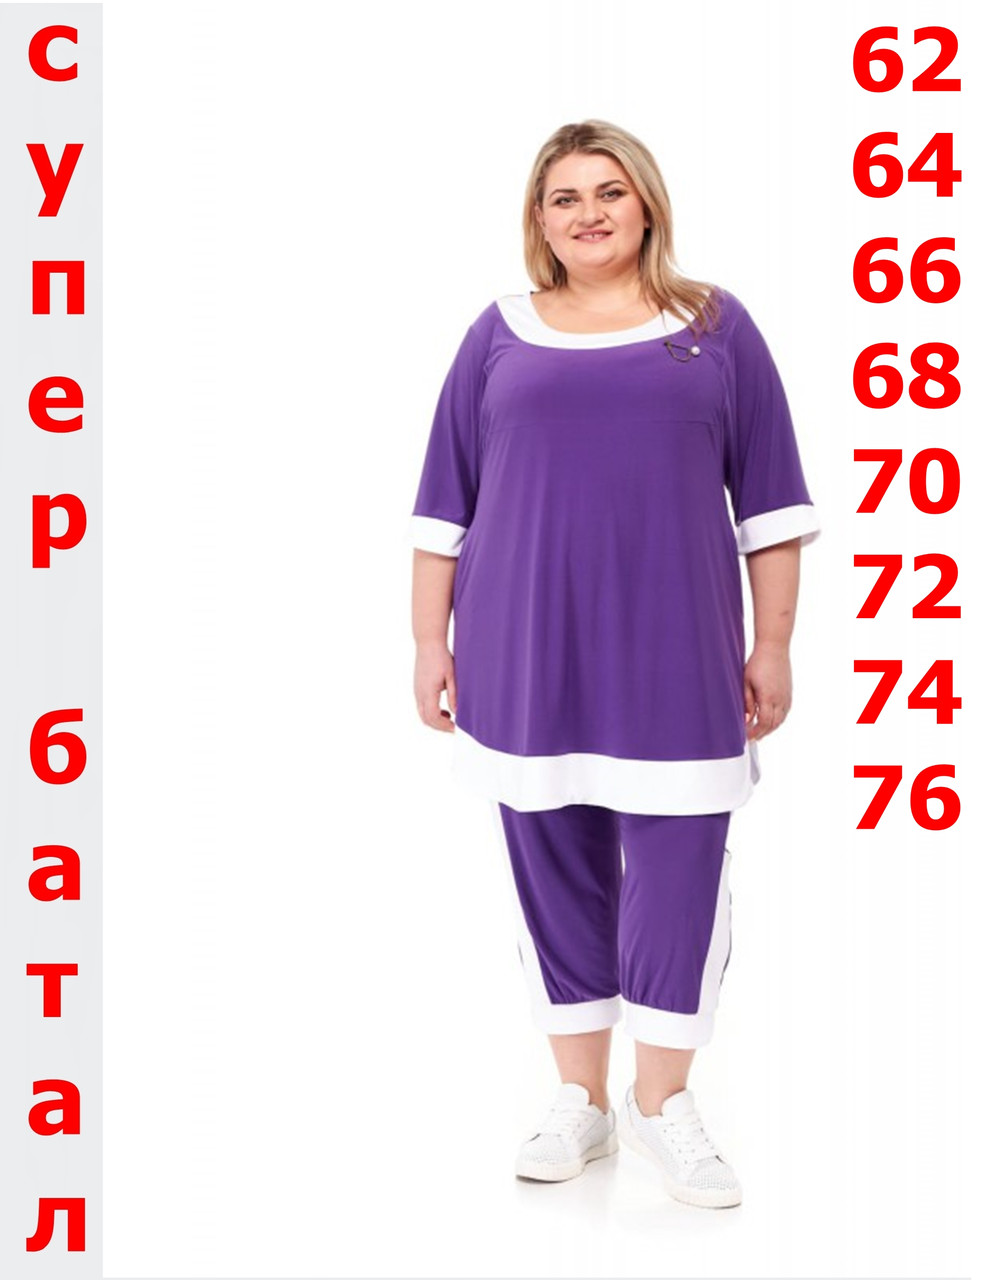 Жіночий брючний костюм великі розміри від 62 до 76